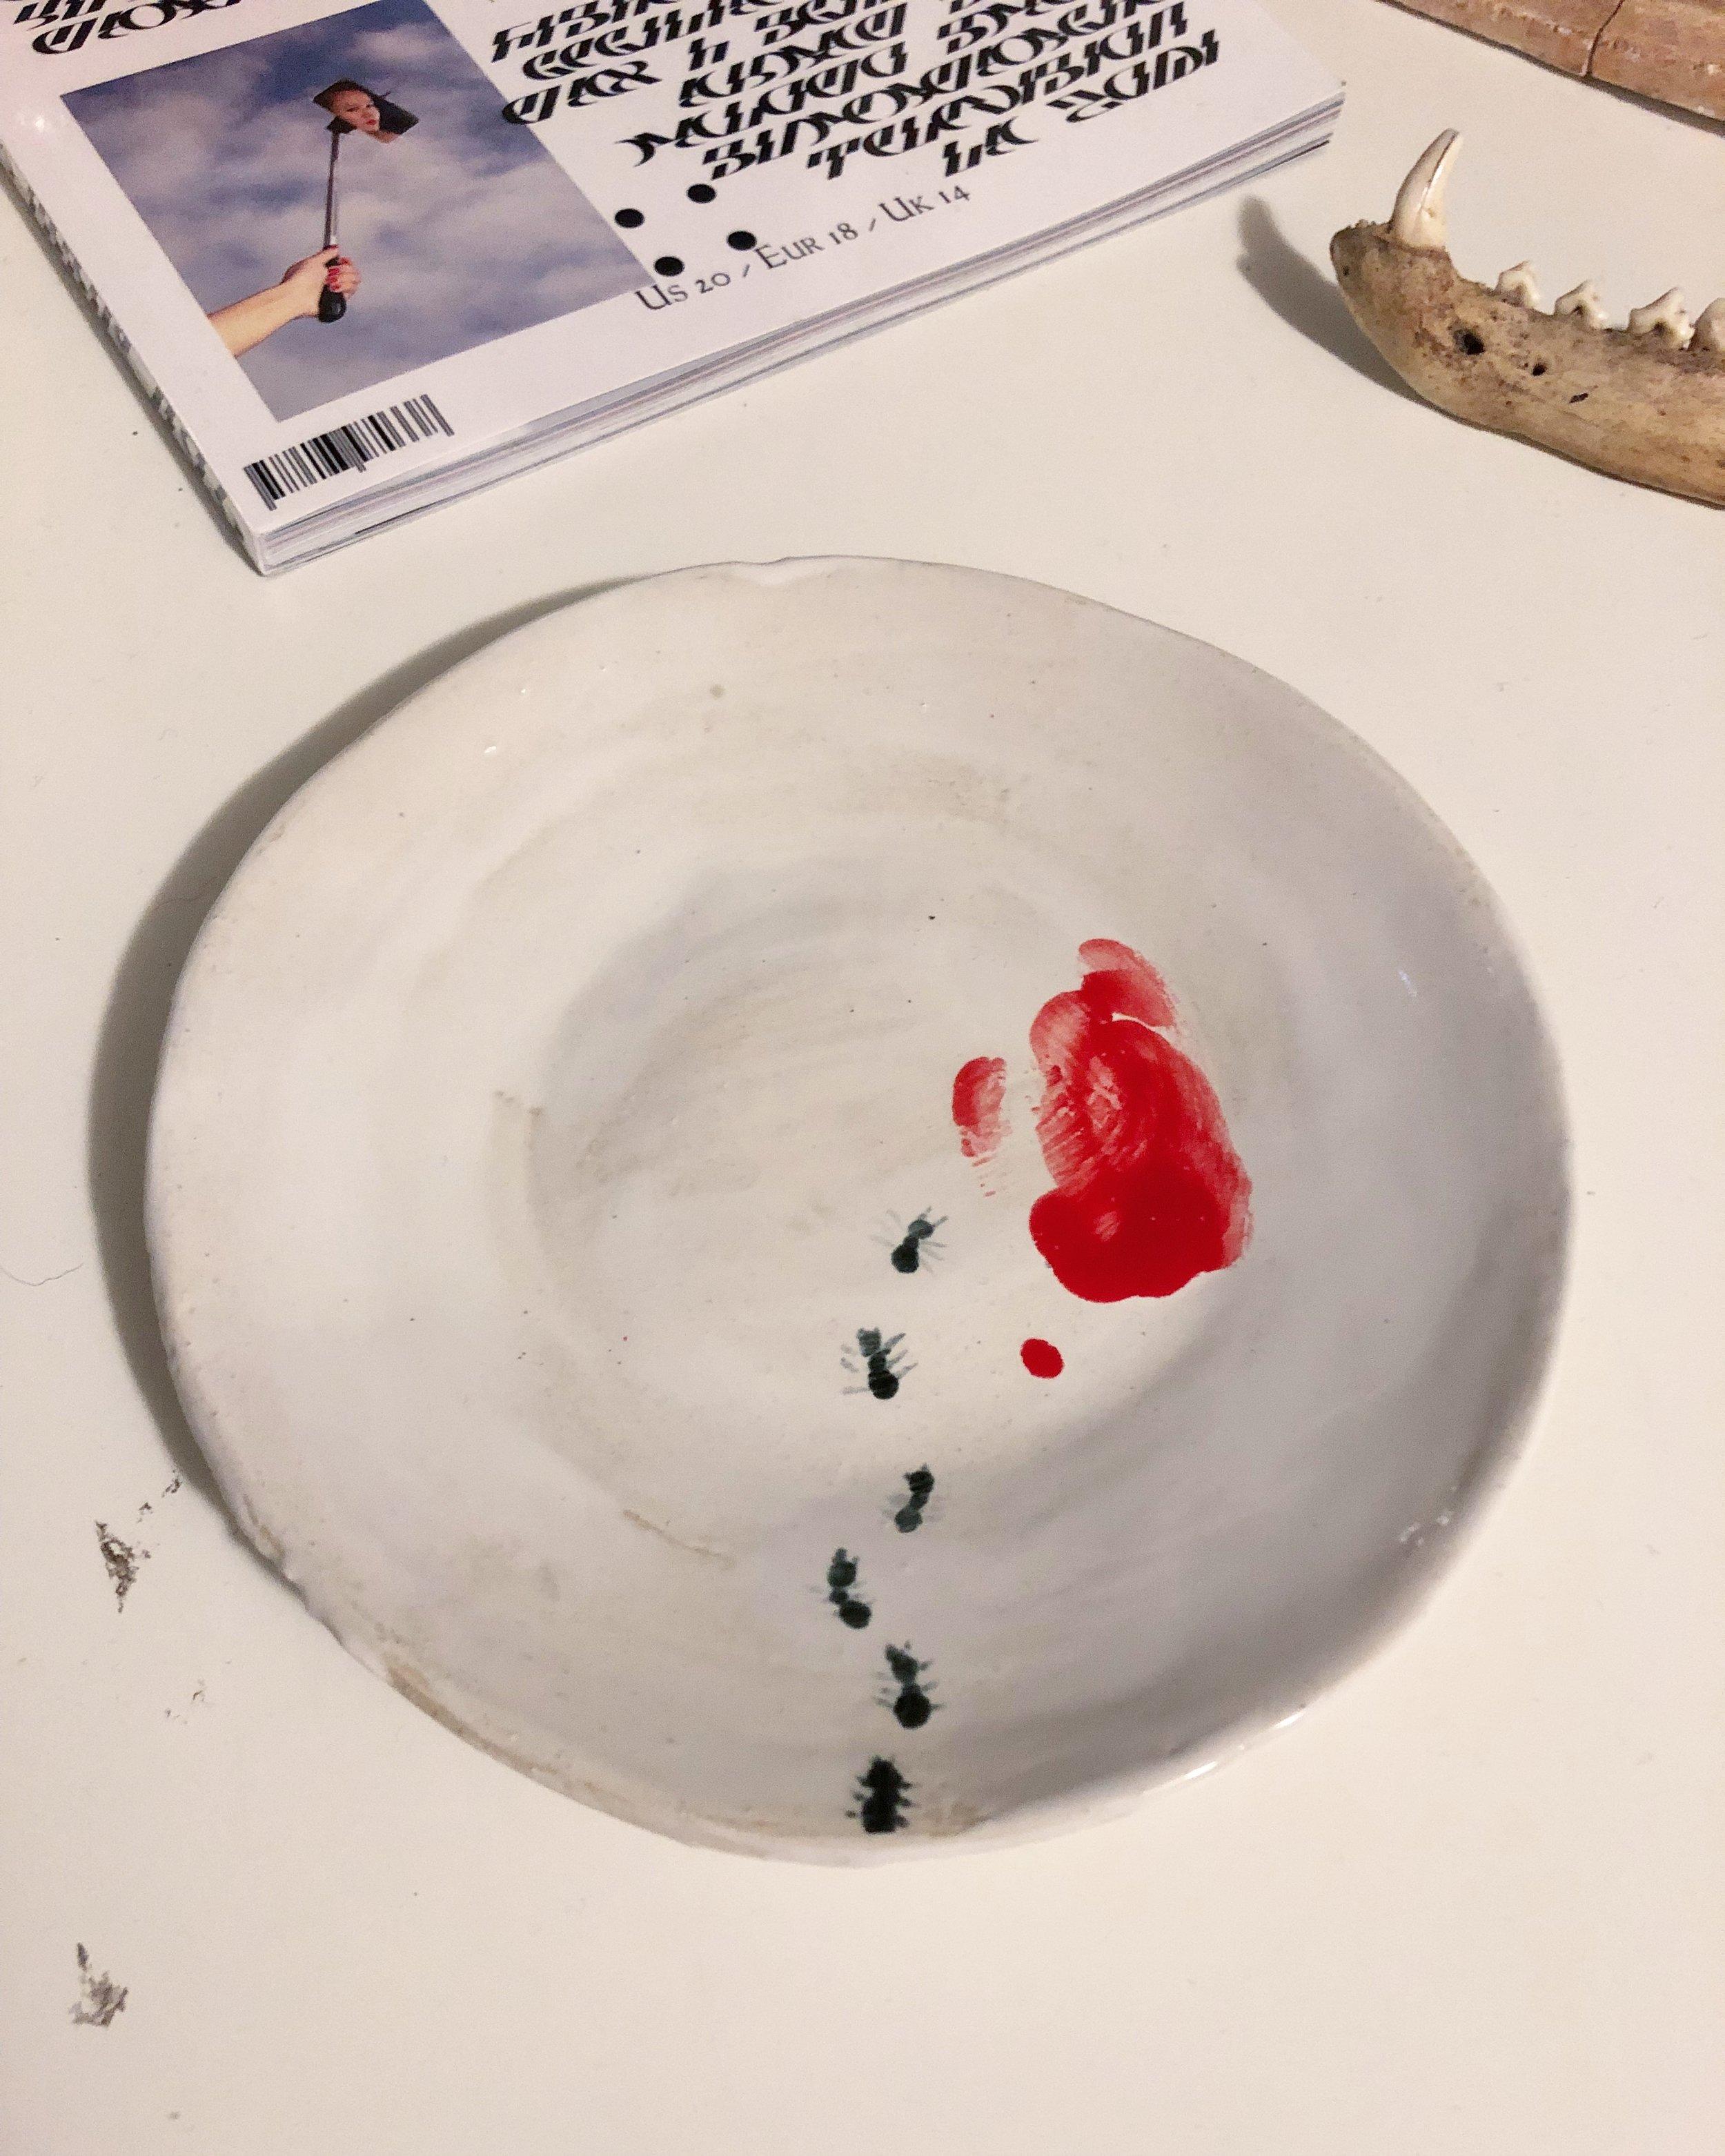 Catch-up! , 2018, Ceramic, 9x9x1 inches